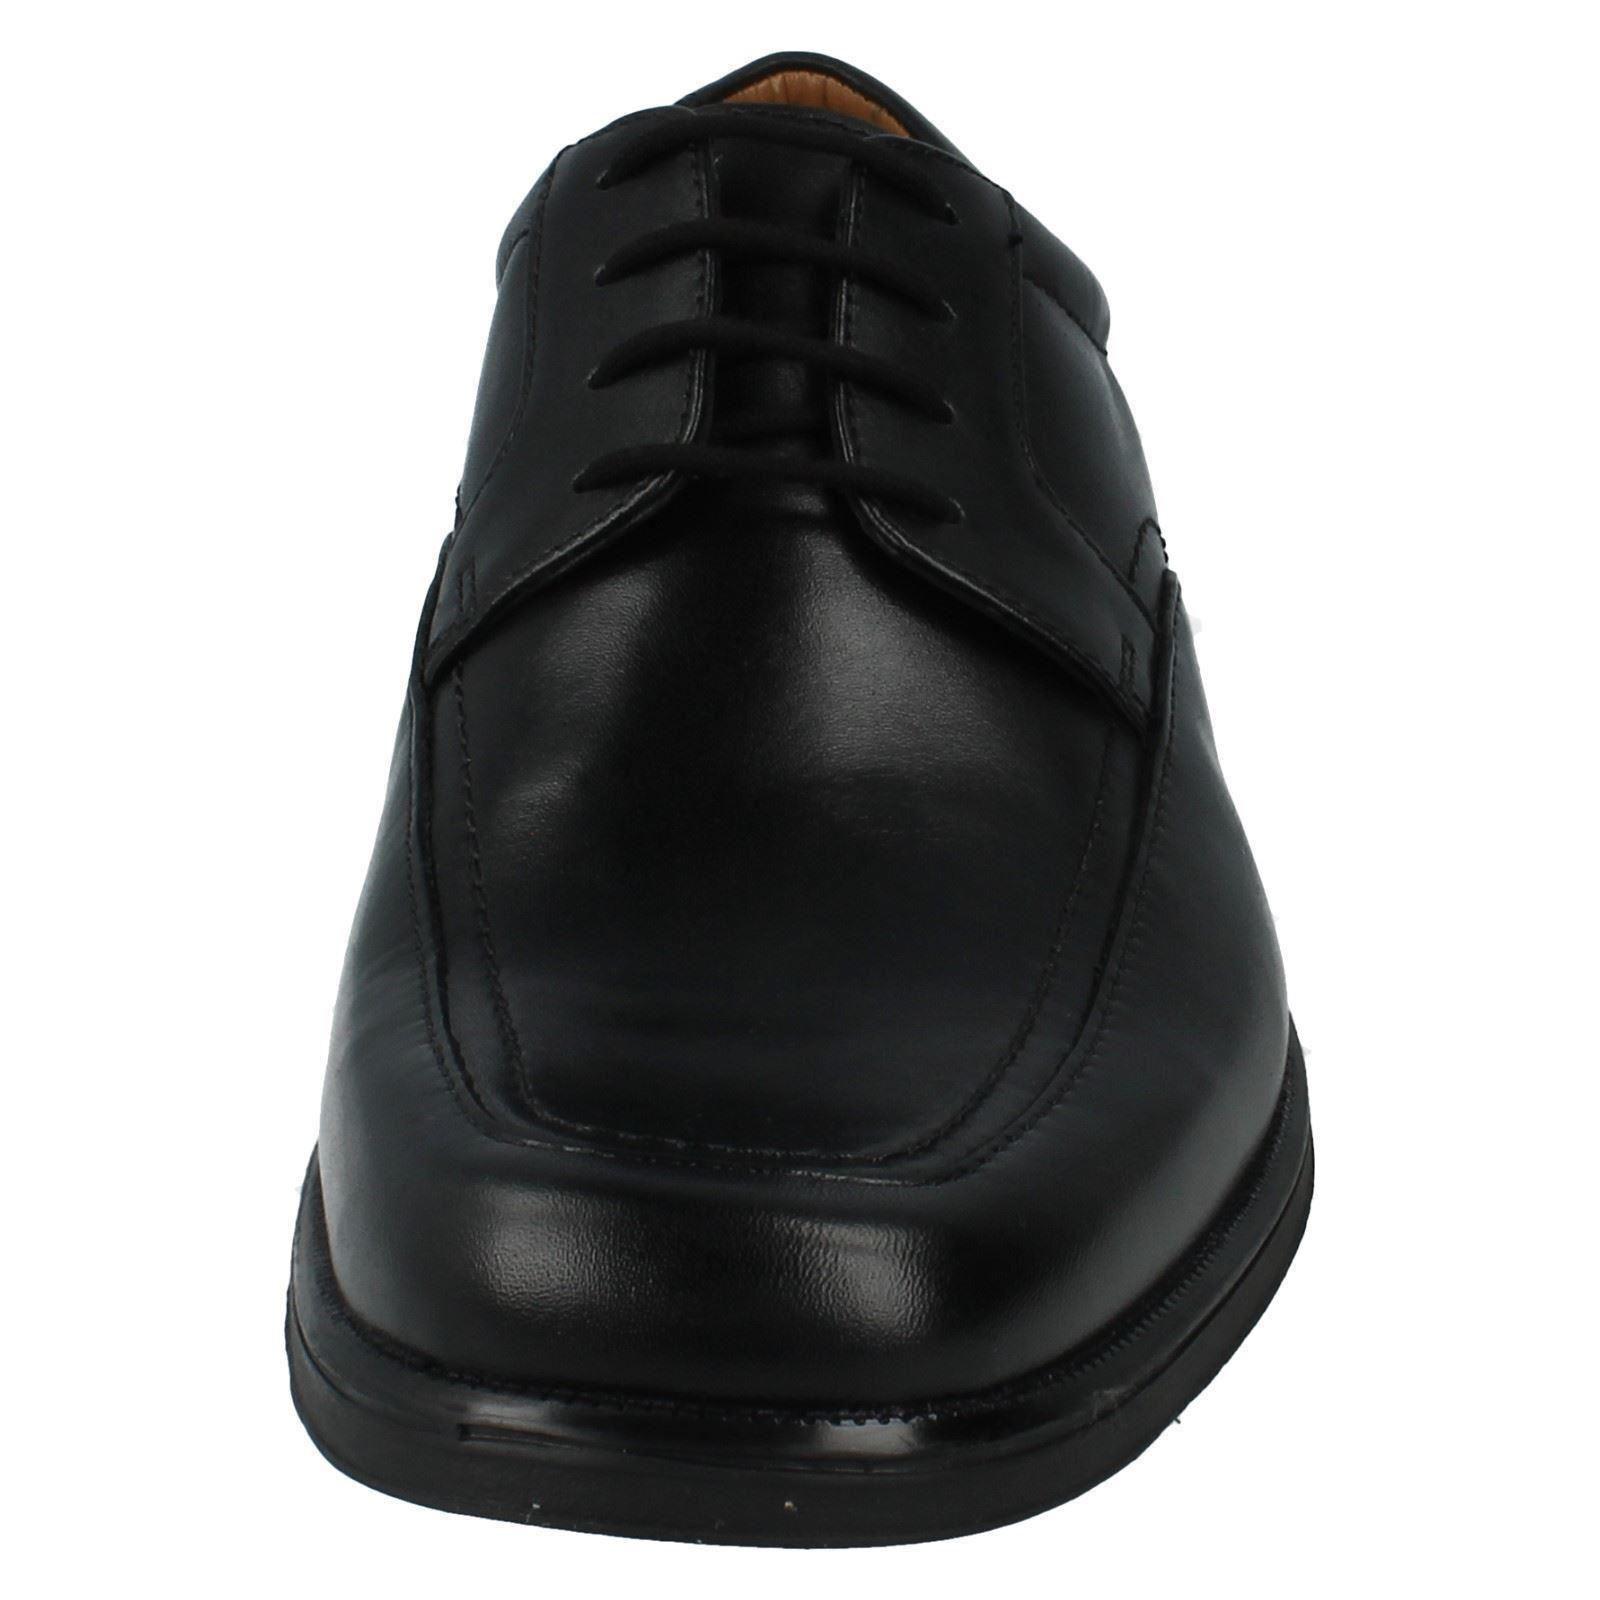 Herren huckley Spring schwarzes G PASSFORM schwarzes Spring Leder Spitze bis Schuh von Clarks 031f43